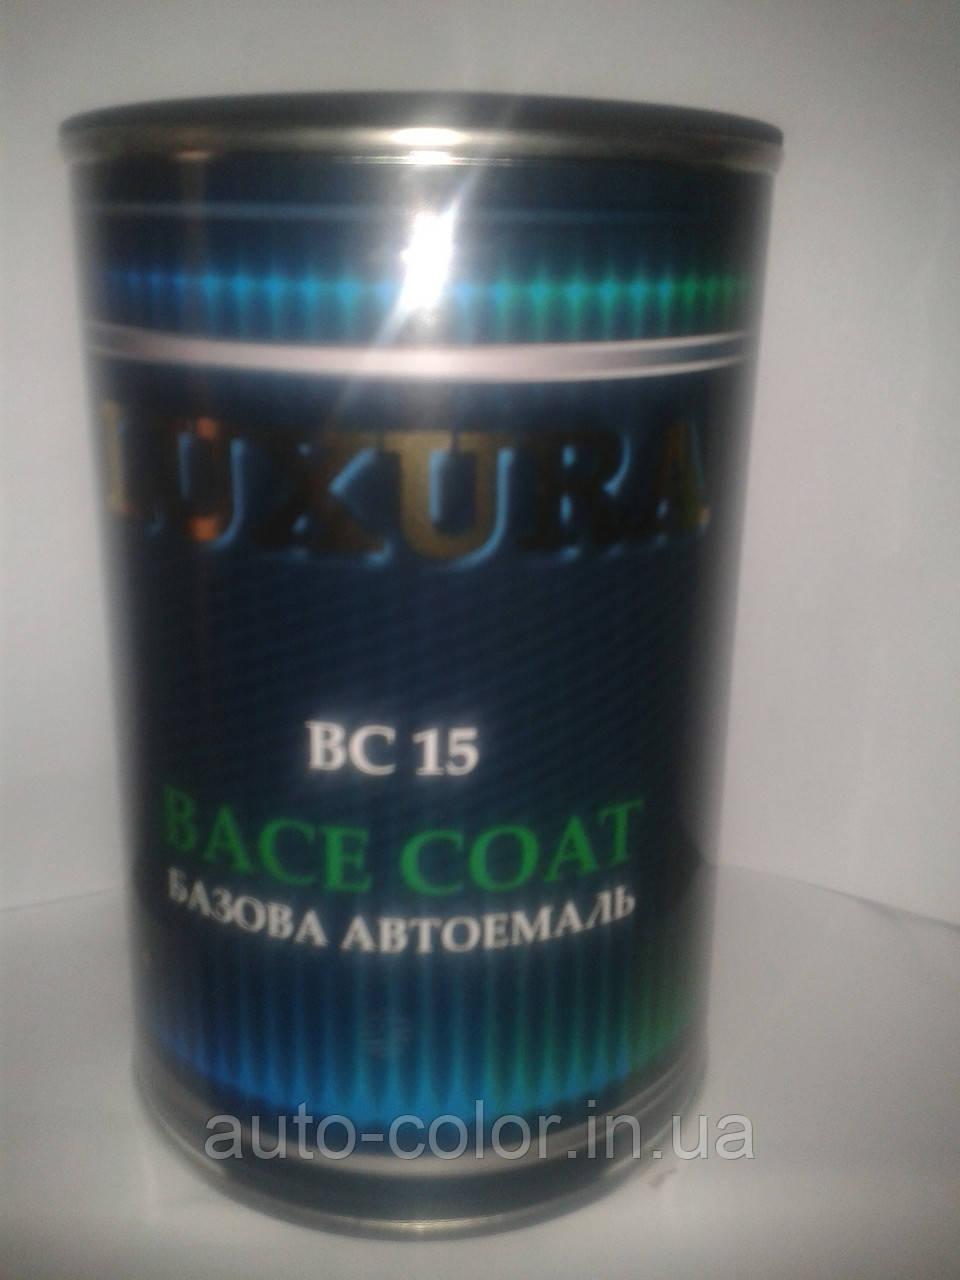 TOYOTA 202 черная  Базовая автоэмаль Luxura 1 л